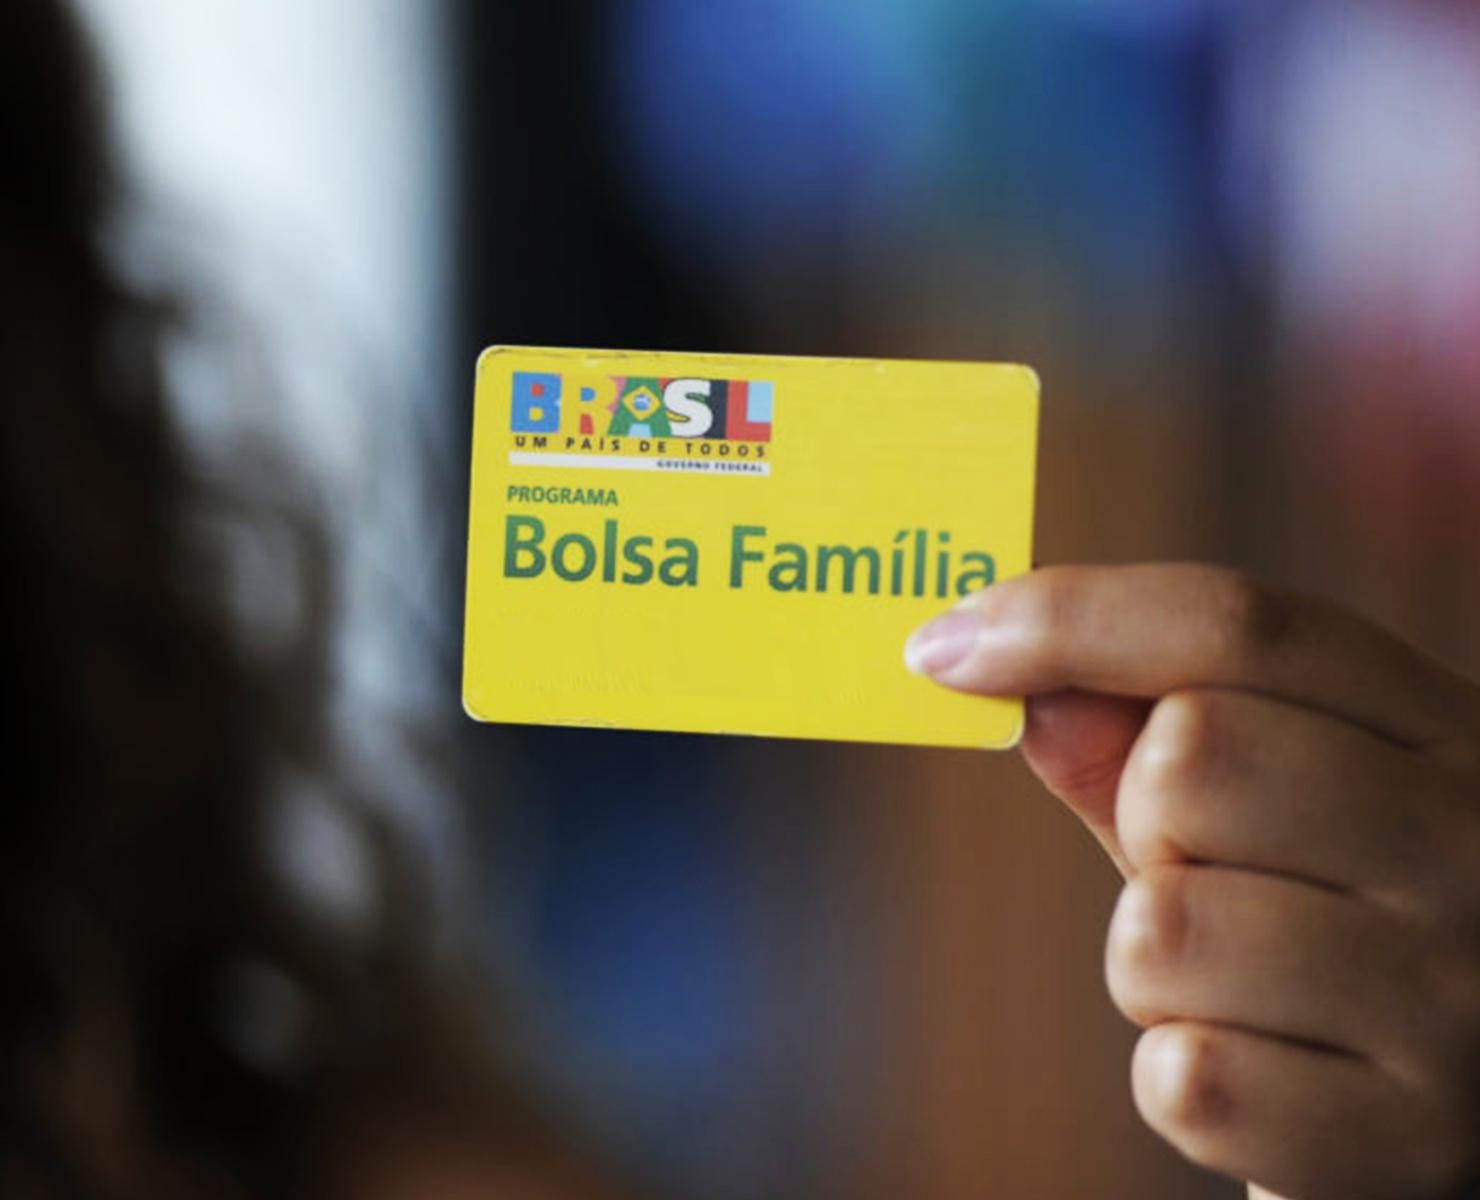 BOLSA FAMÍLIA: GOVERNO DEVE MUDAR O NOME E A REGRAS DO PROGRAMA